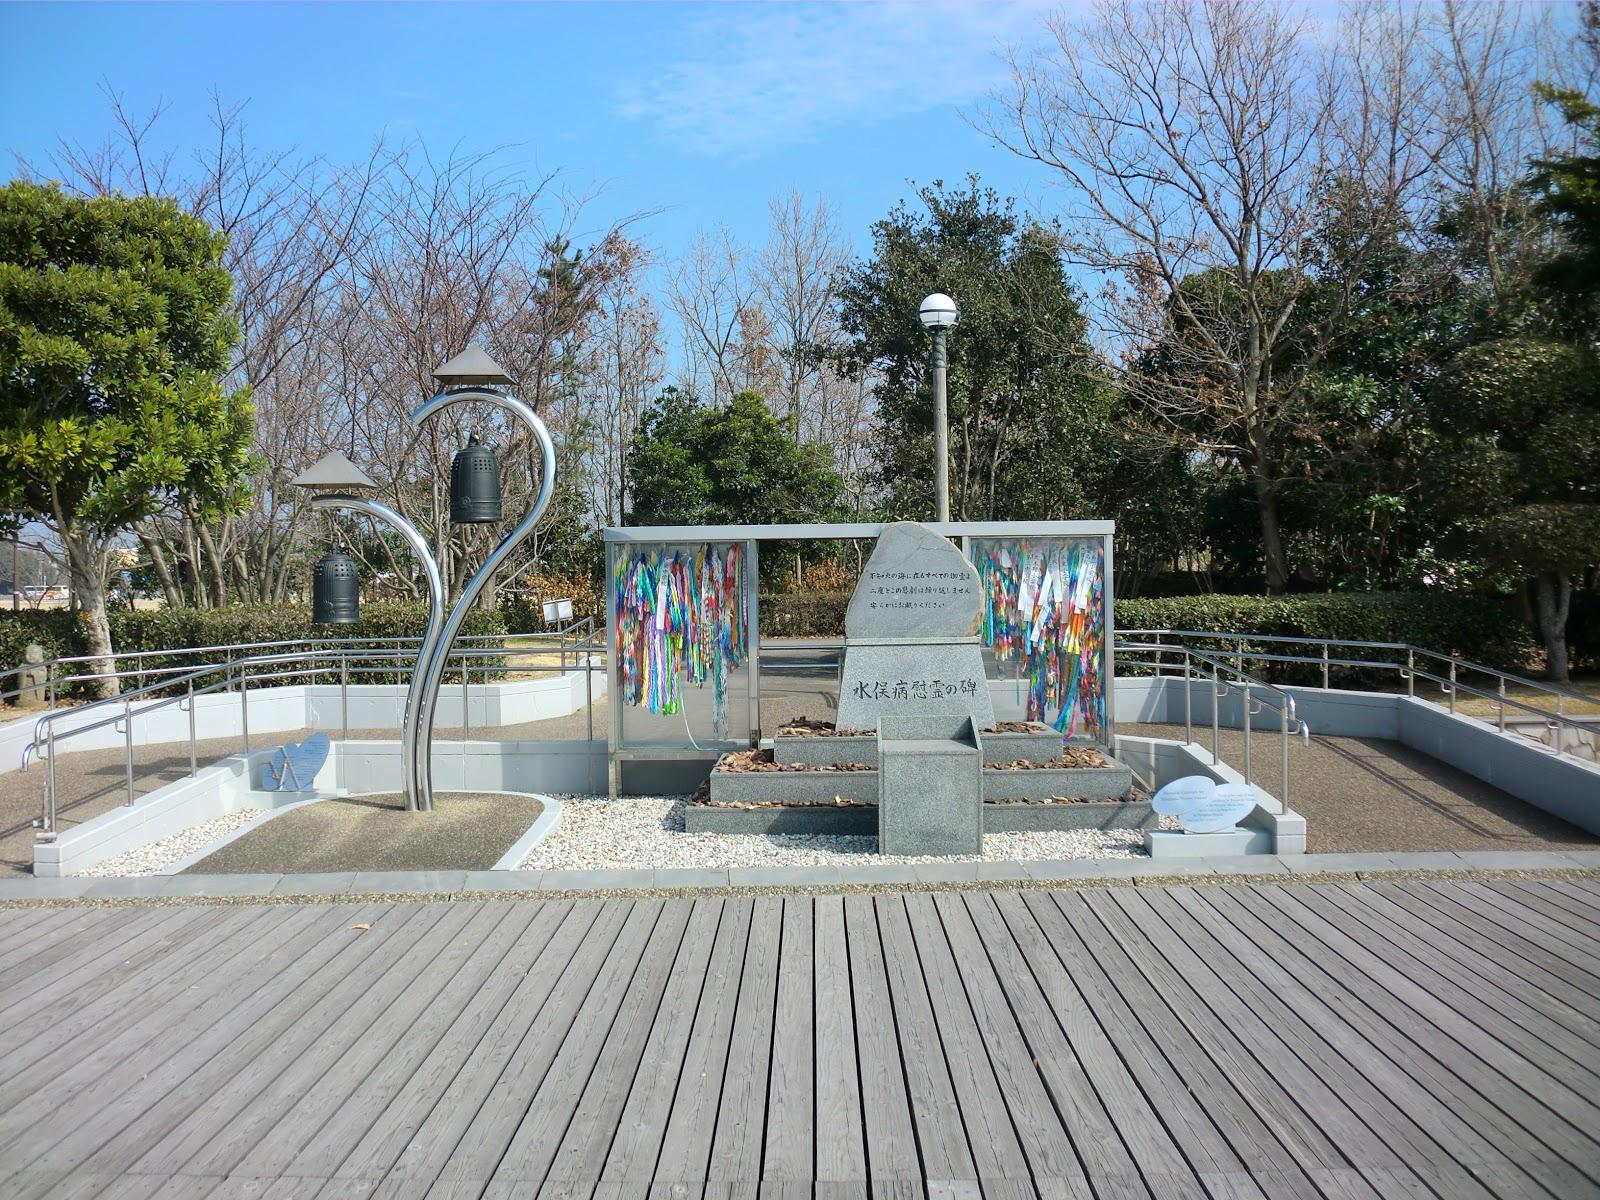 水俣病の犠牲者の慰霊の碑